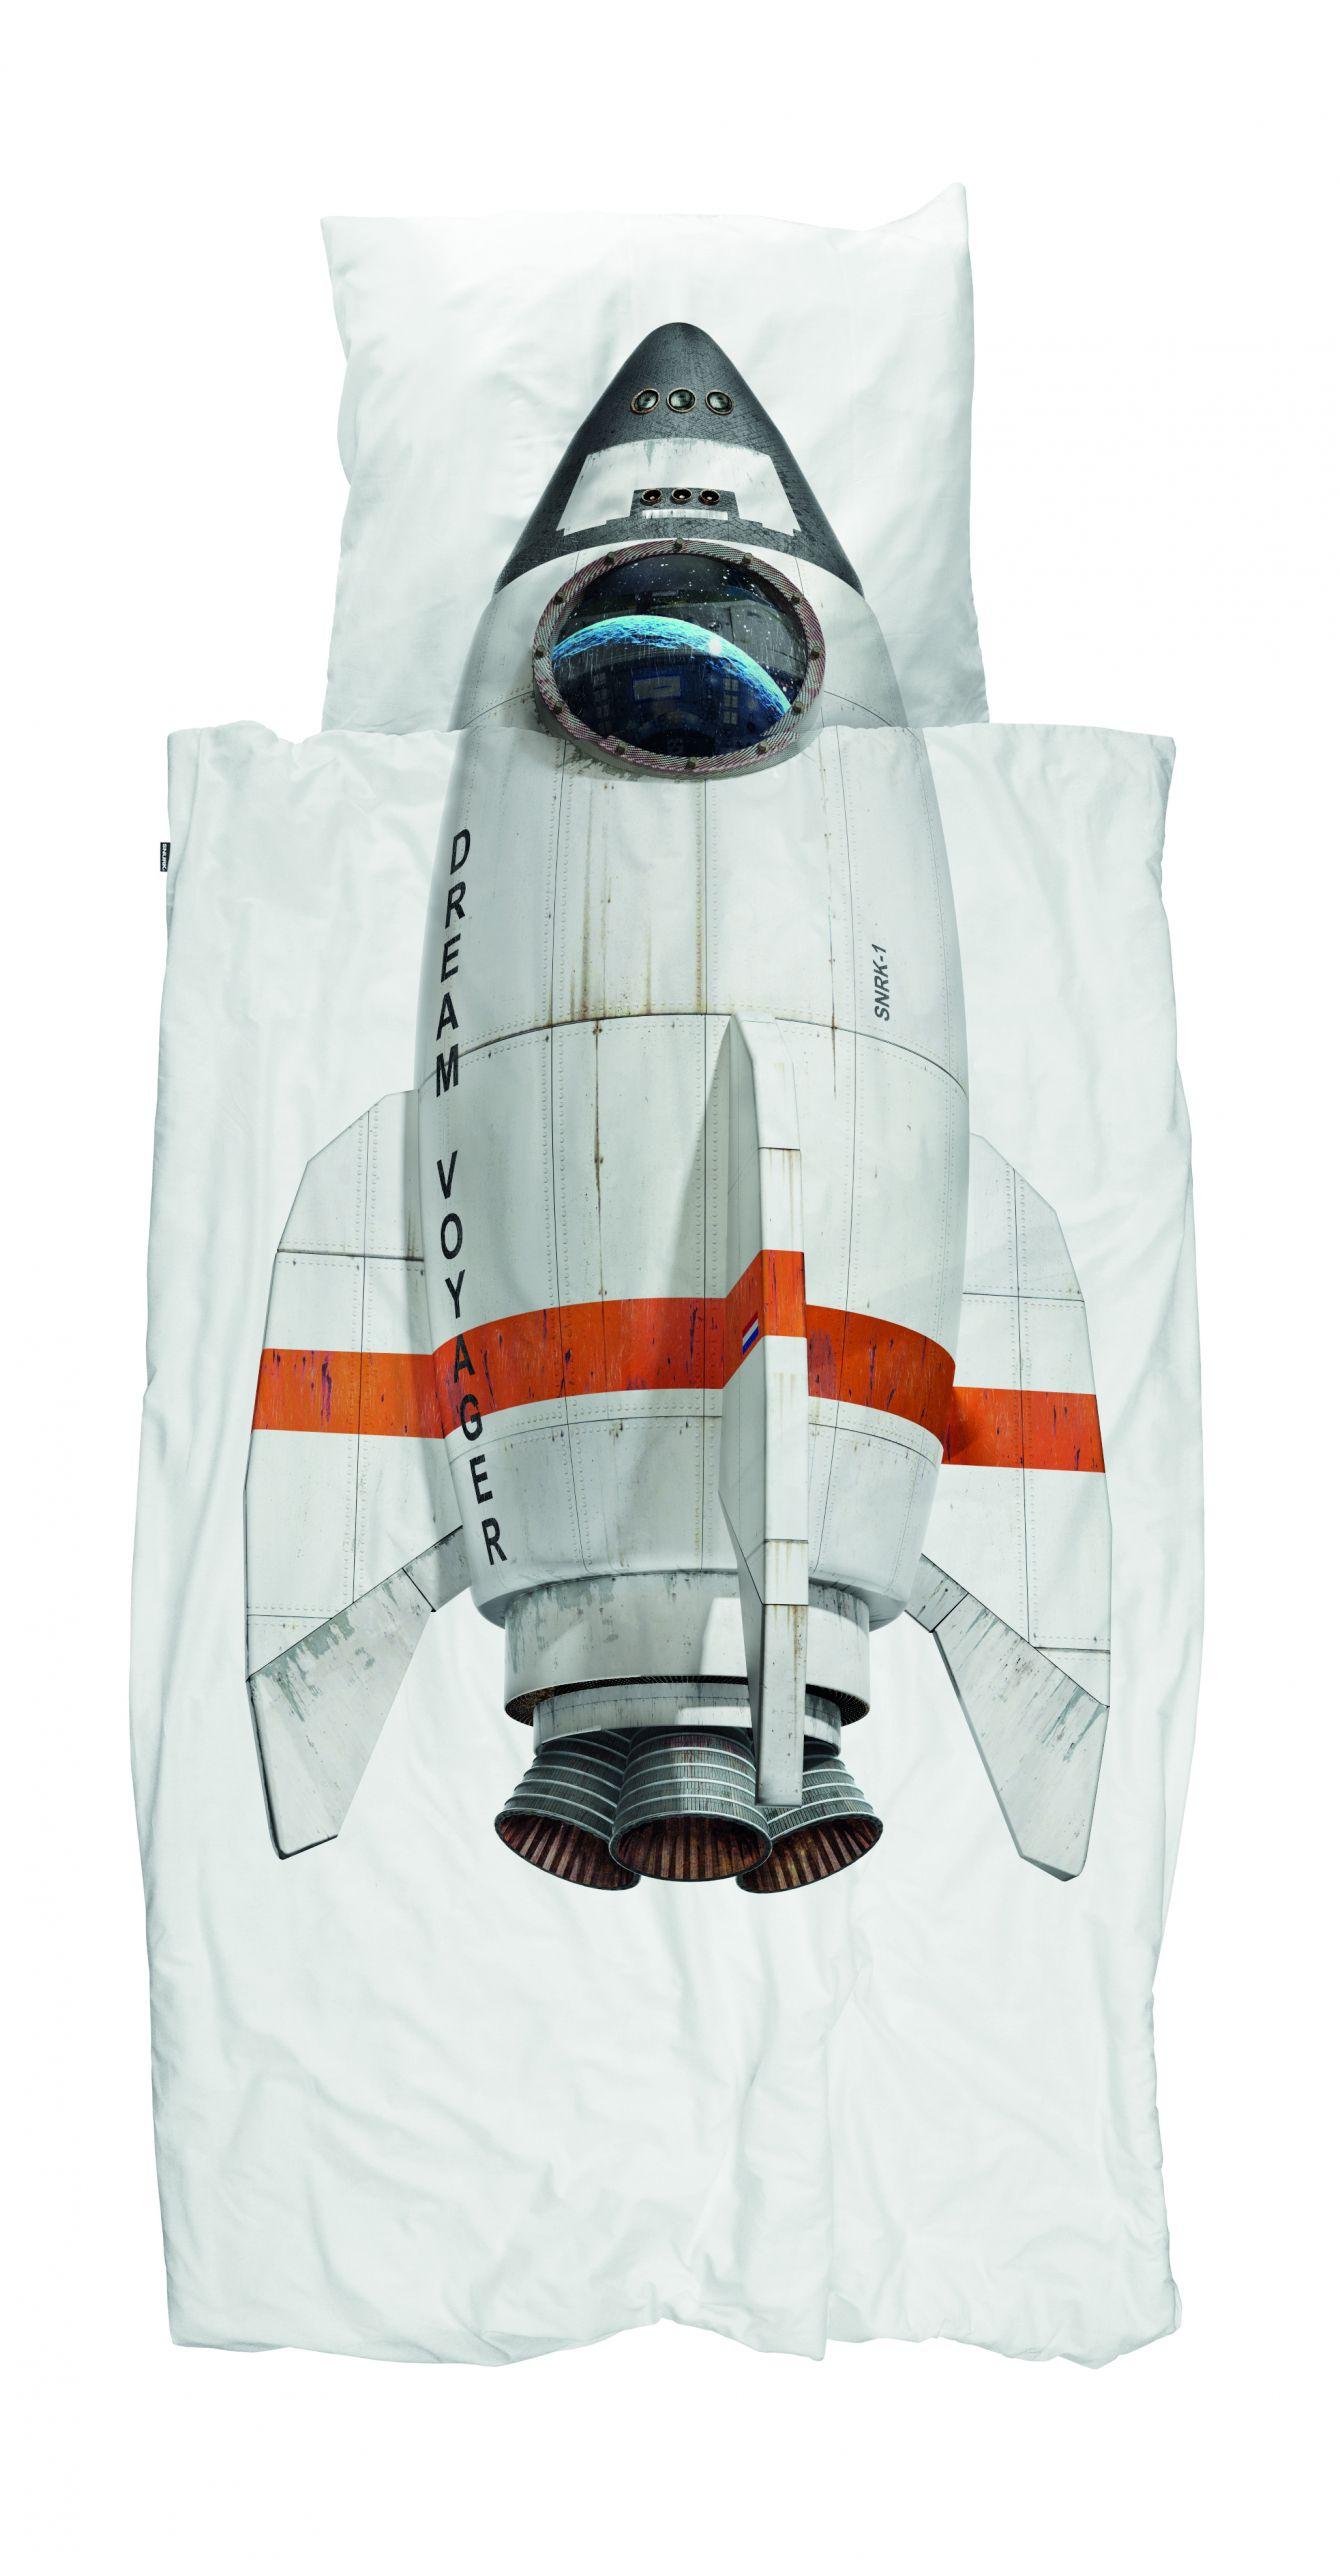 Rocket dekbedovertrek 140x200/220